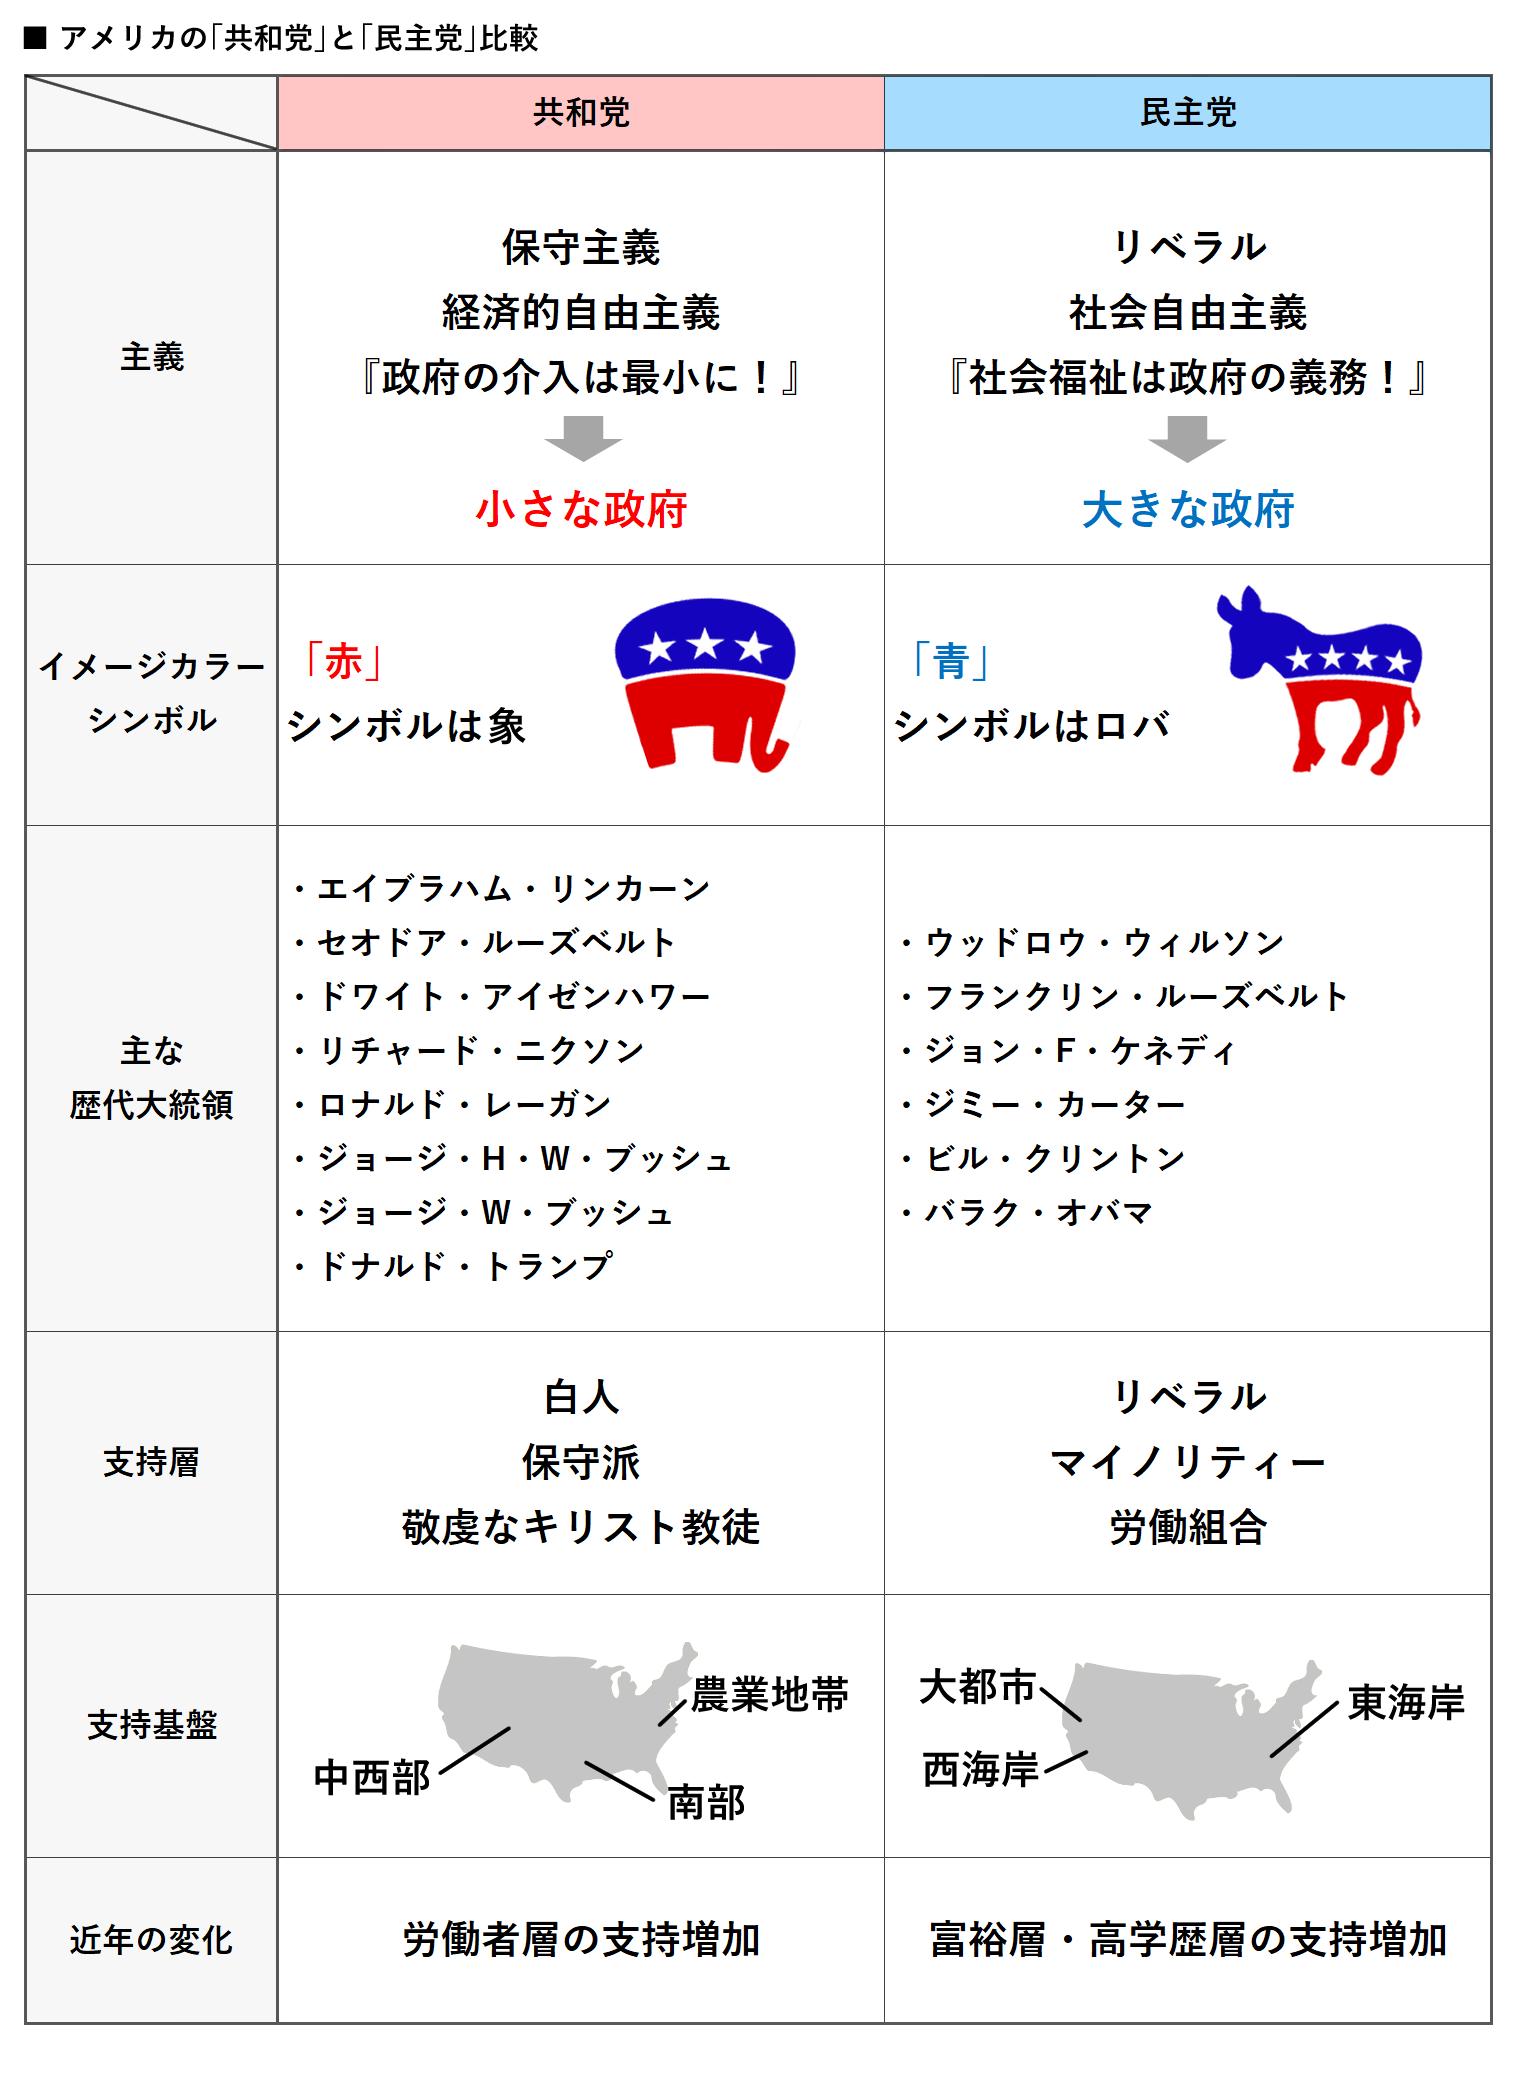 アメリカの「共和党」と「民主党」比較 イメージ画像